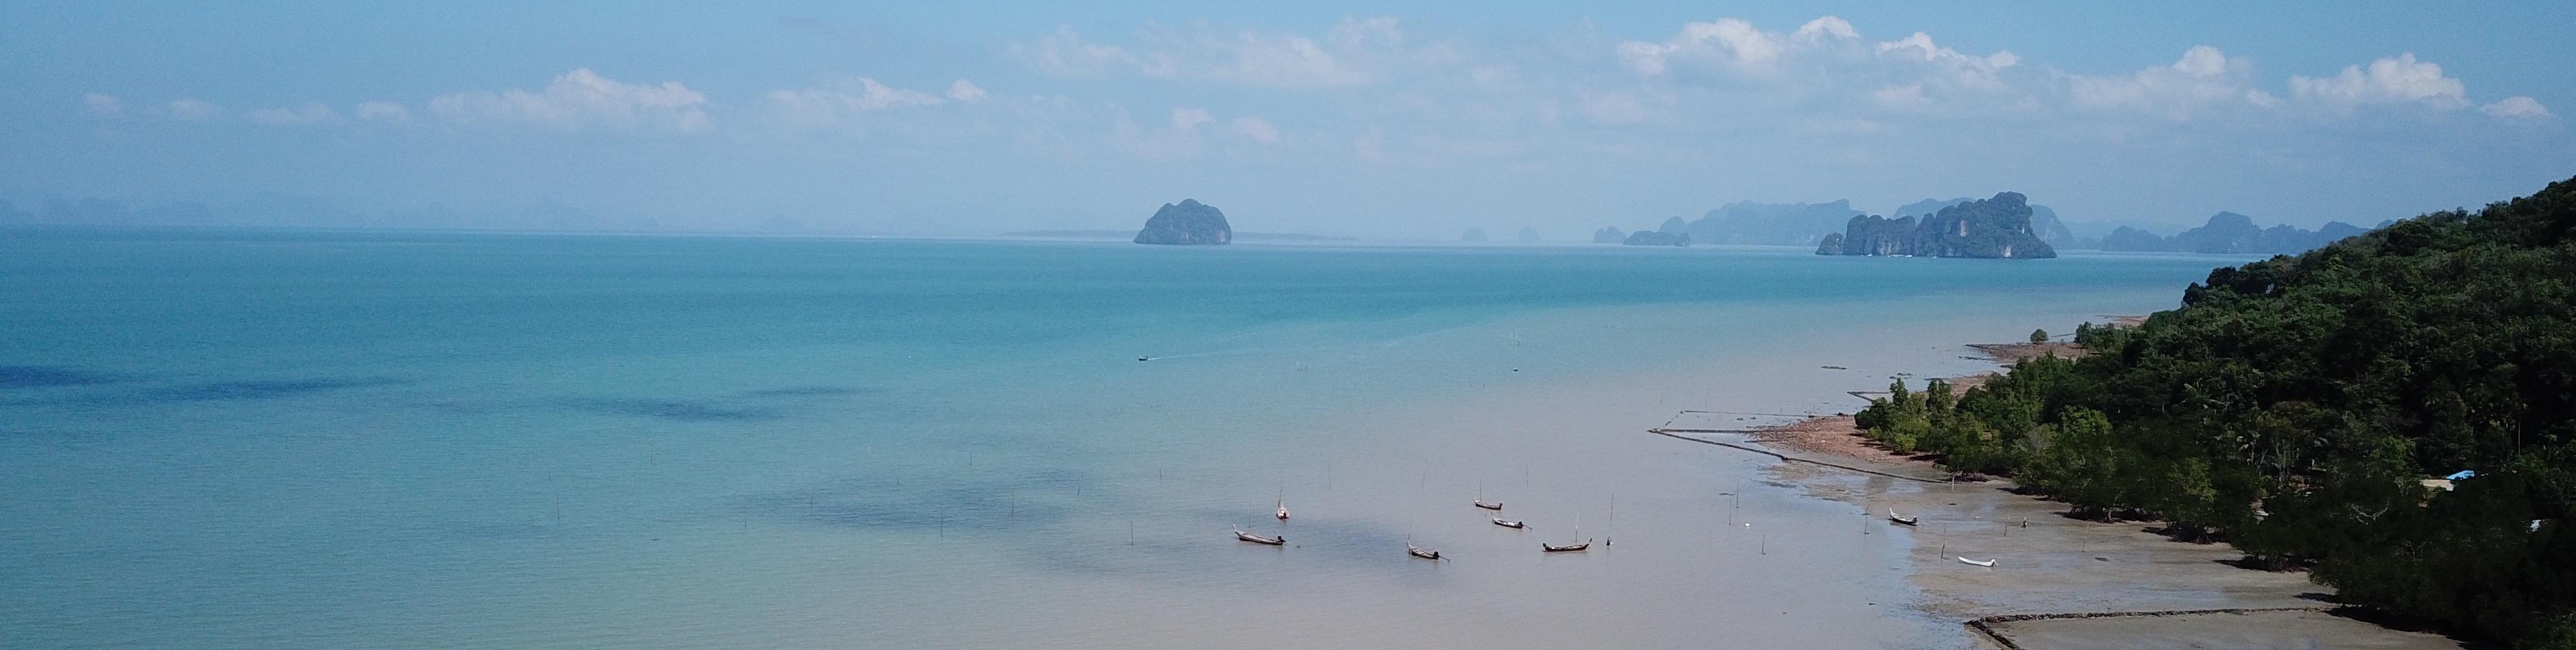 Yao Noi island tour